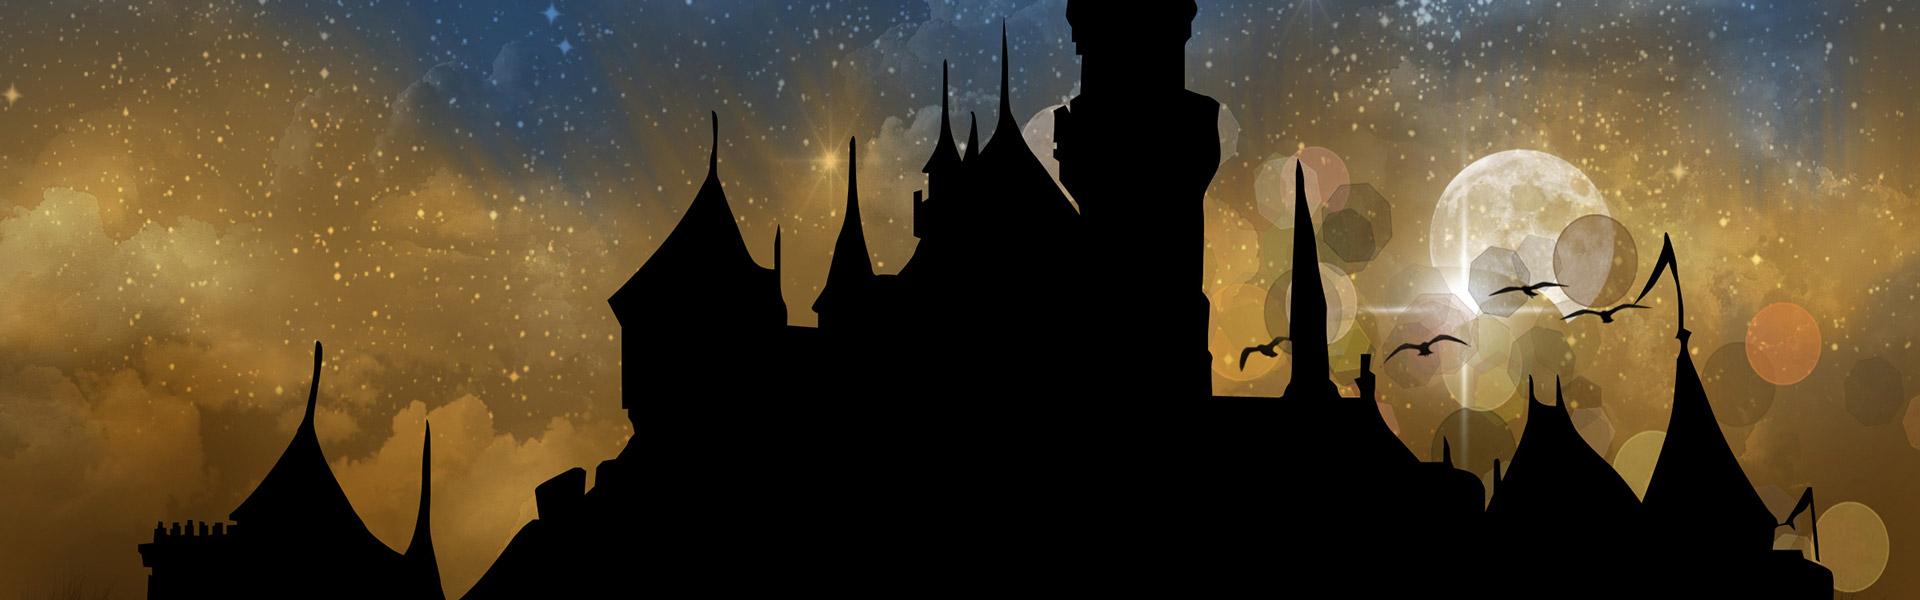 Mit der Walt Disney Methode entdecken deine Mitarbeiter neue Perspektiven.